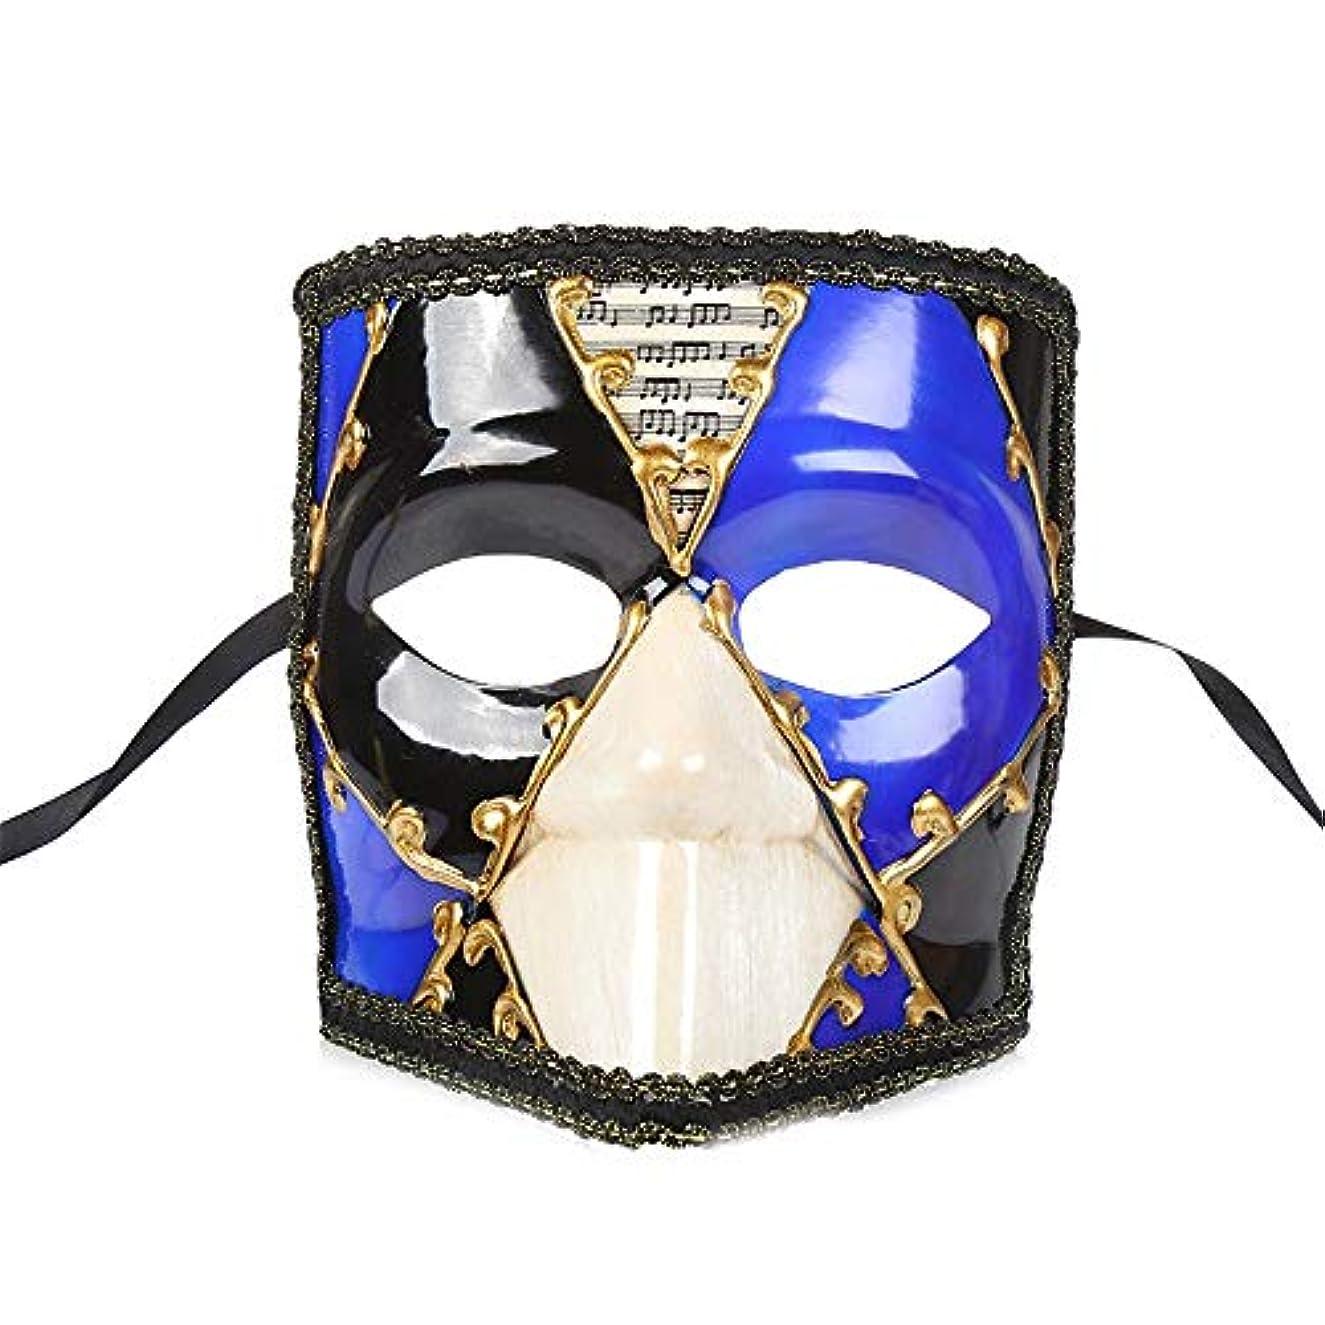 アイロニー秘密の雄大なダンスマスク ピエロマスクヴィンテージマスカレードショーデコレーションコスプレナイトクラブプラスチック厚いマスク ホリデーパーティー用品 (色 : 青, サイズ : 18x15cm)